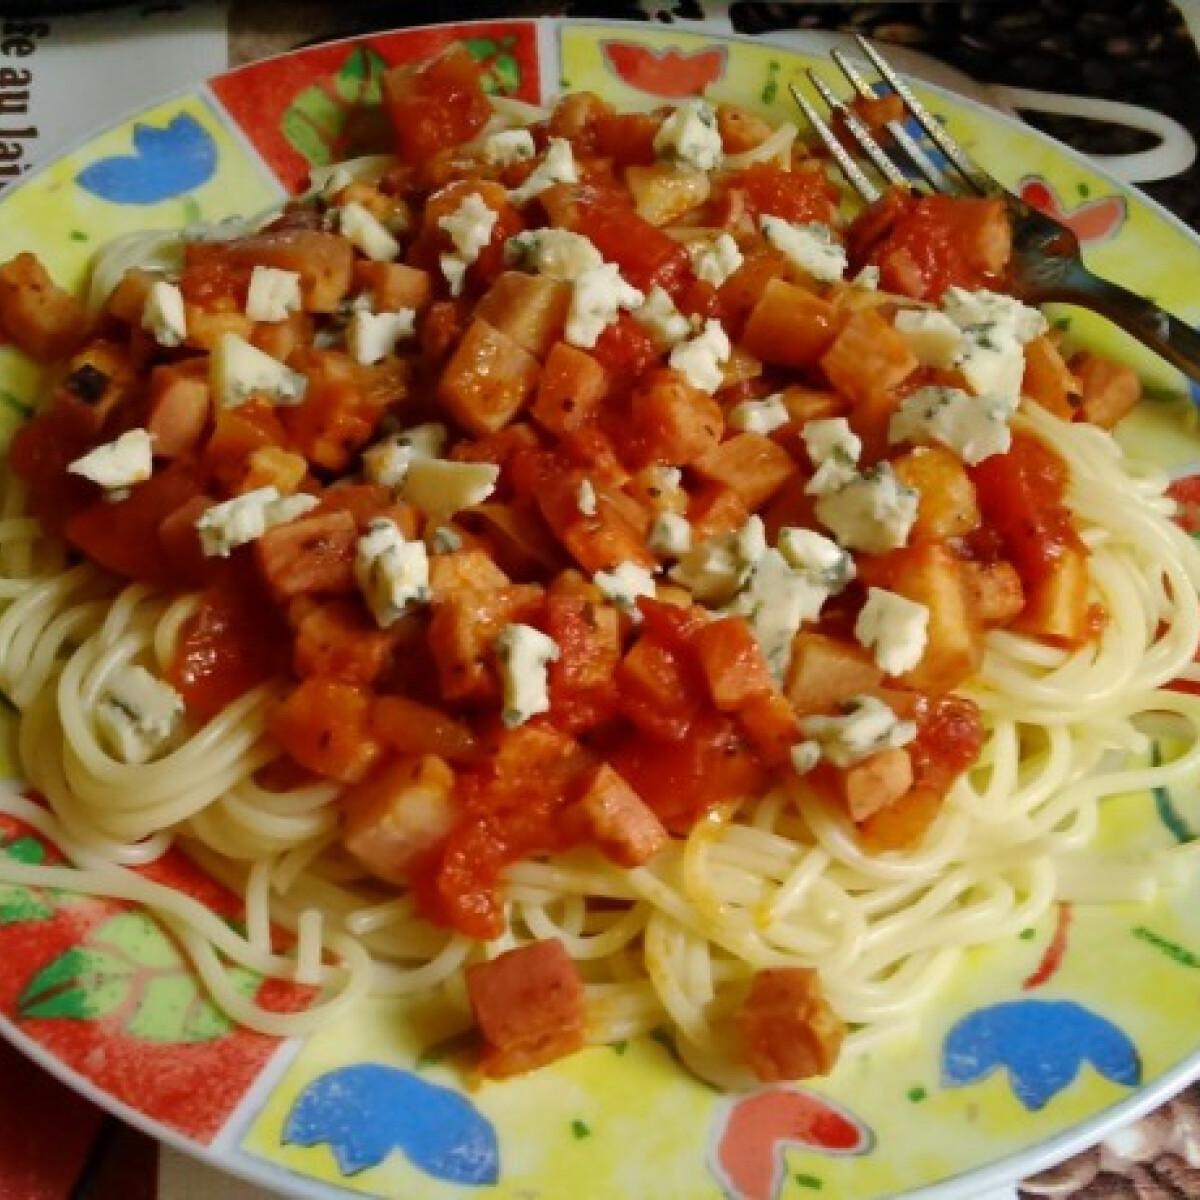 Ezen a képen: Amatriciana ahogy az olaszok eszik